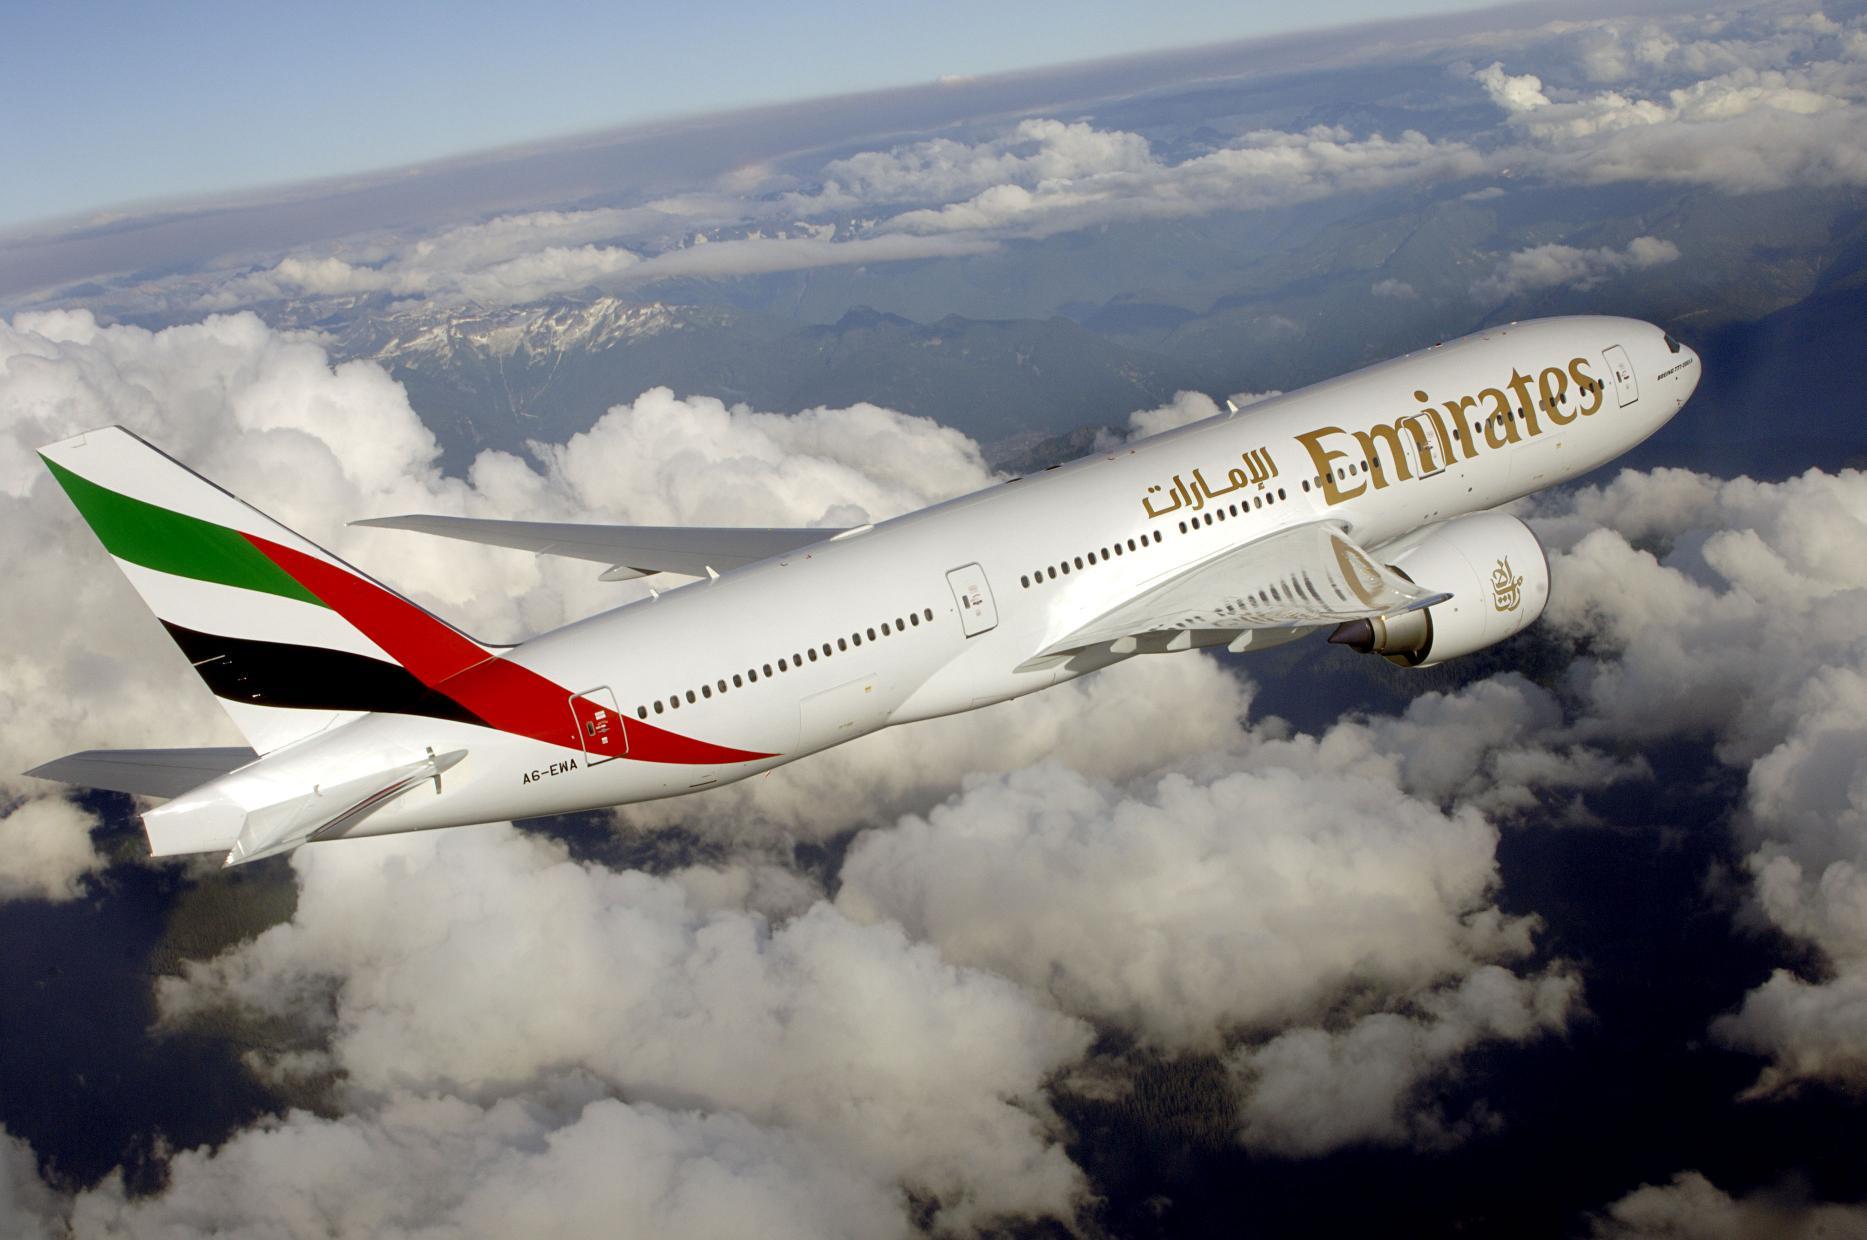 طيران الإمارات تقدم وجبات إفطار مجانية لركابها خلال رمضان 2016